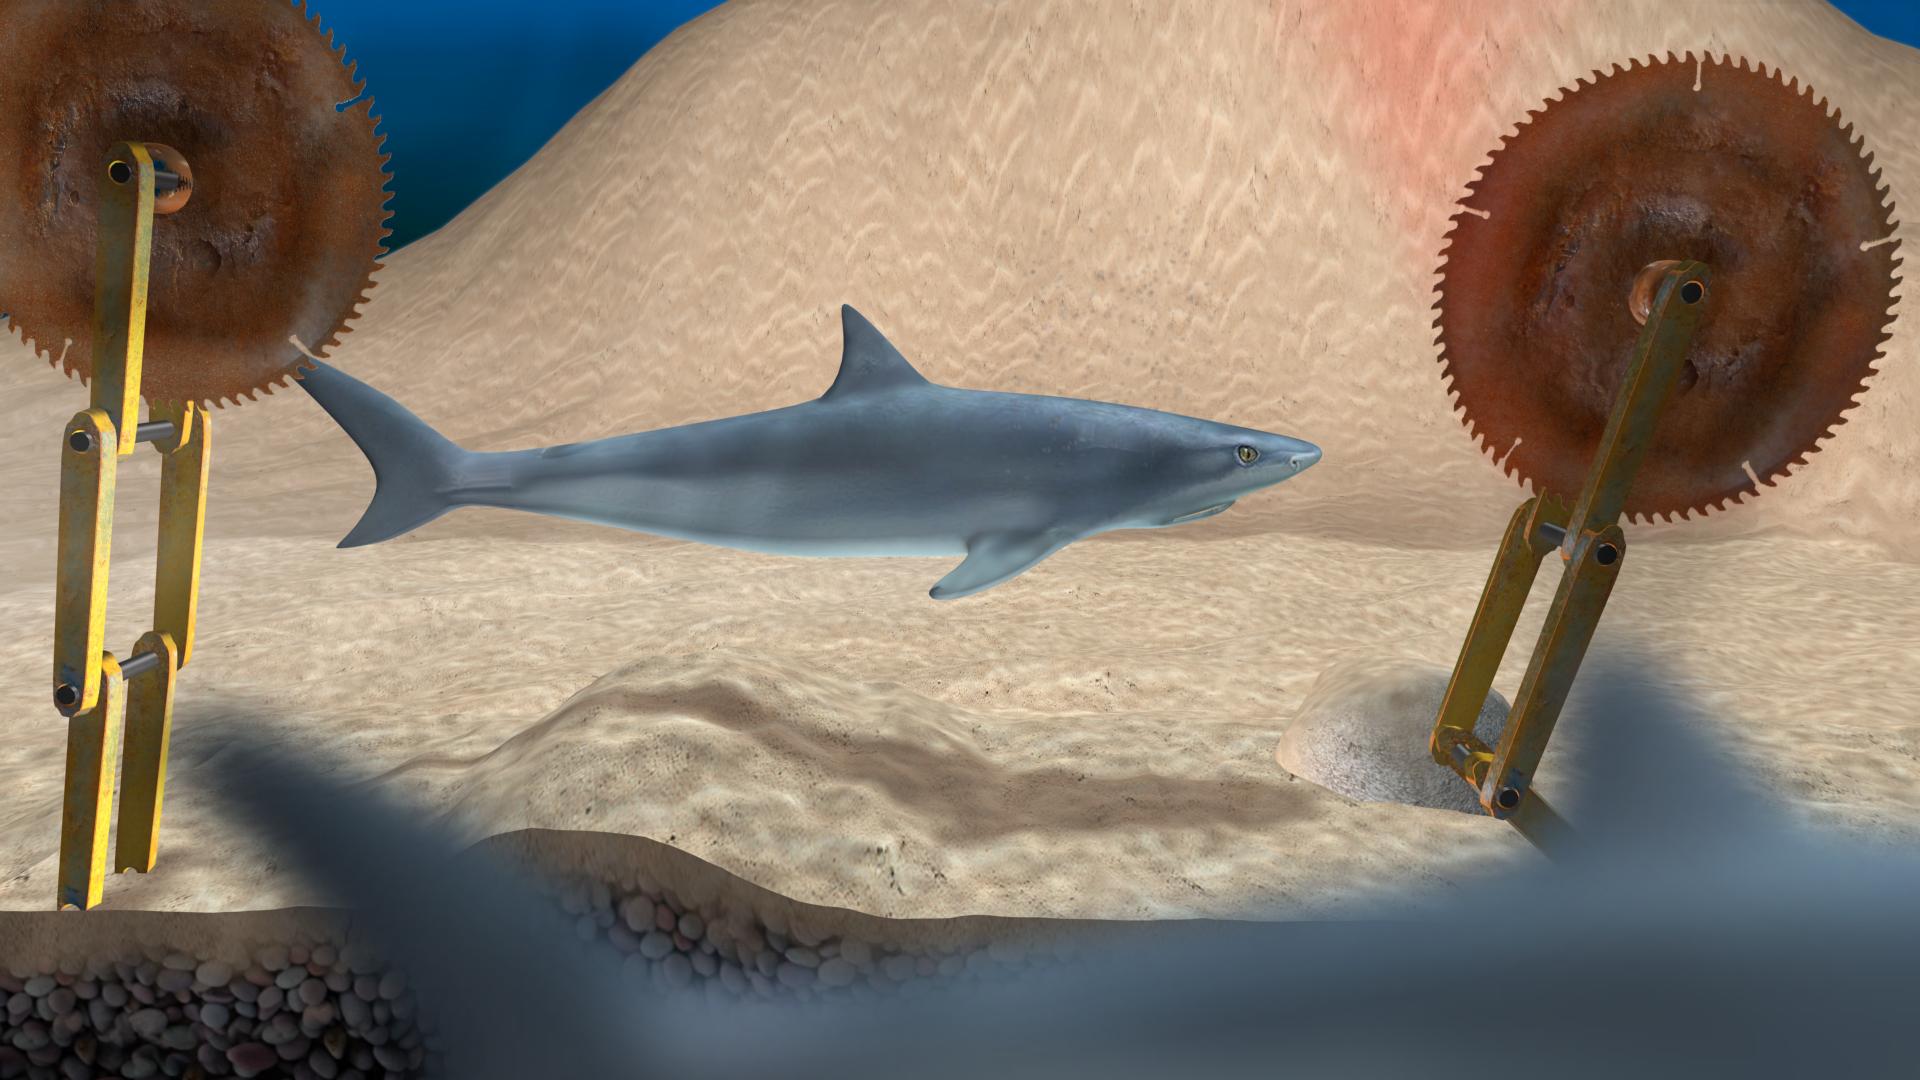 Shark vs Circlesaw